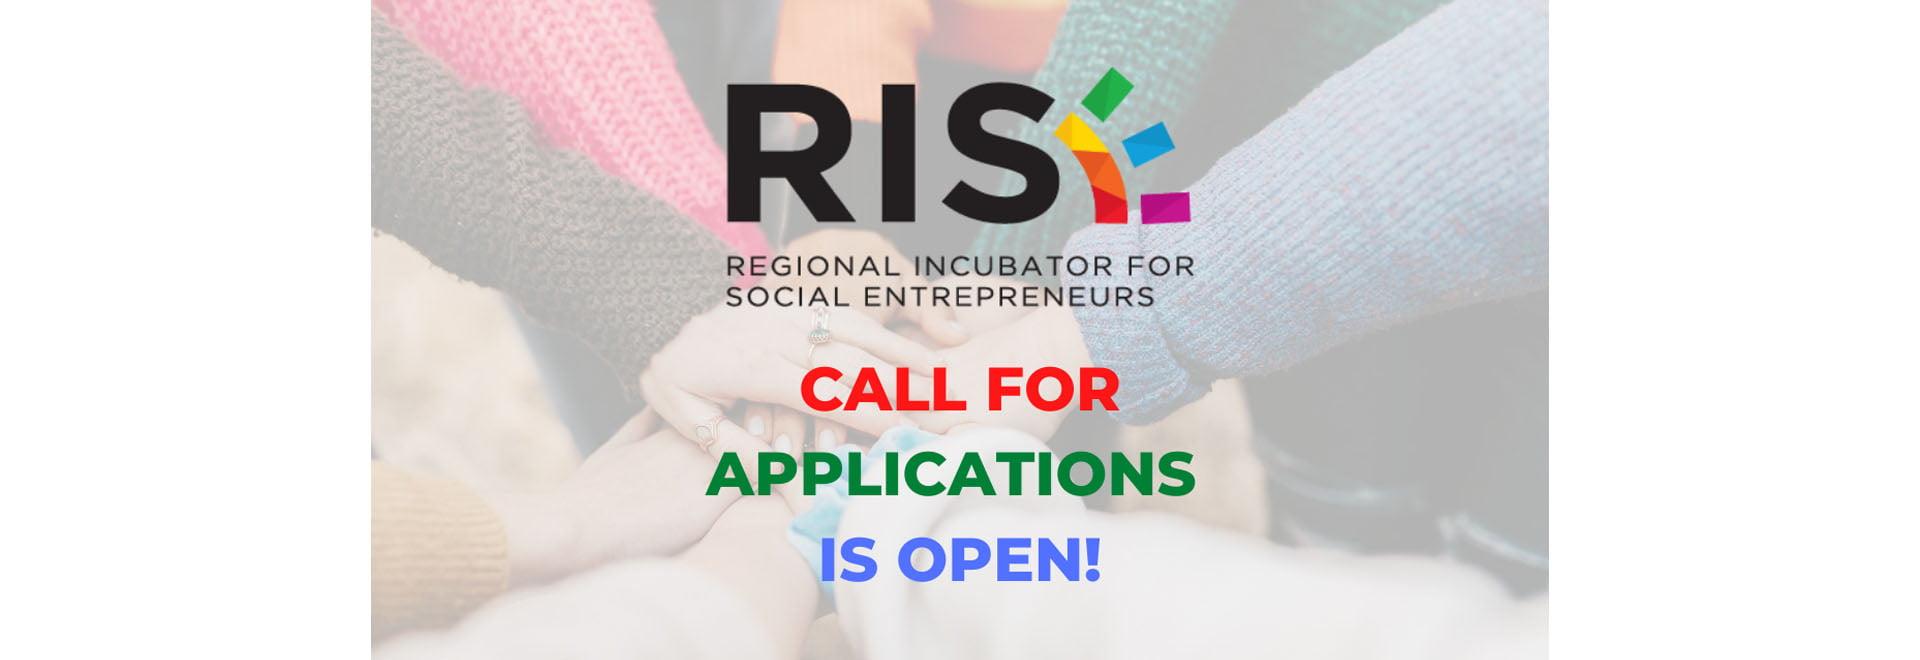 Rise journey: отворен повик за апликации и можност за развој на зелени и социјални бизниси image